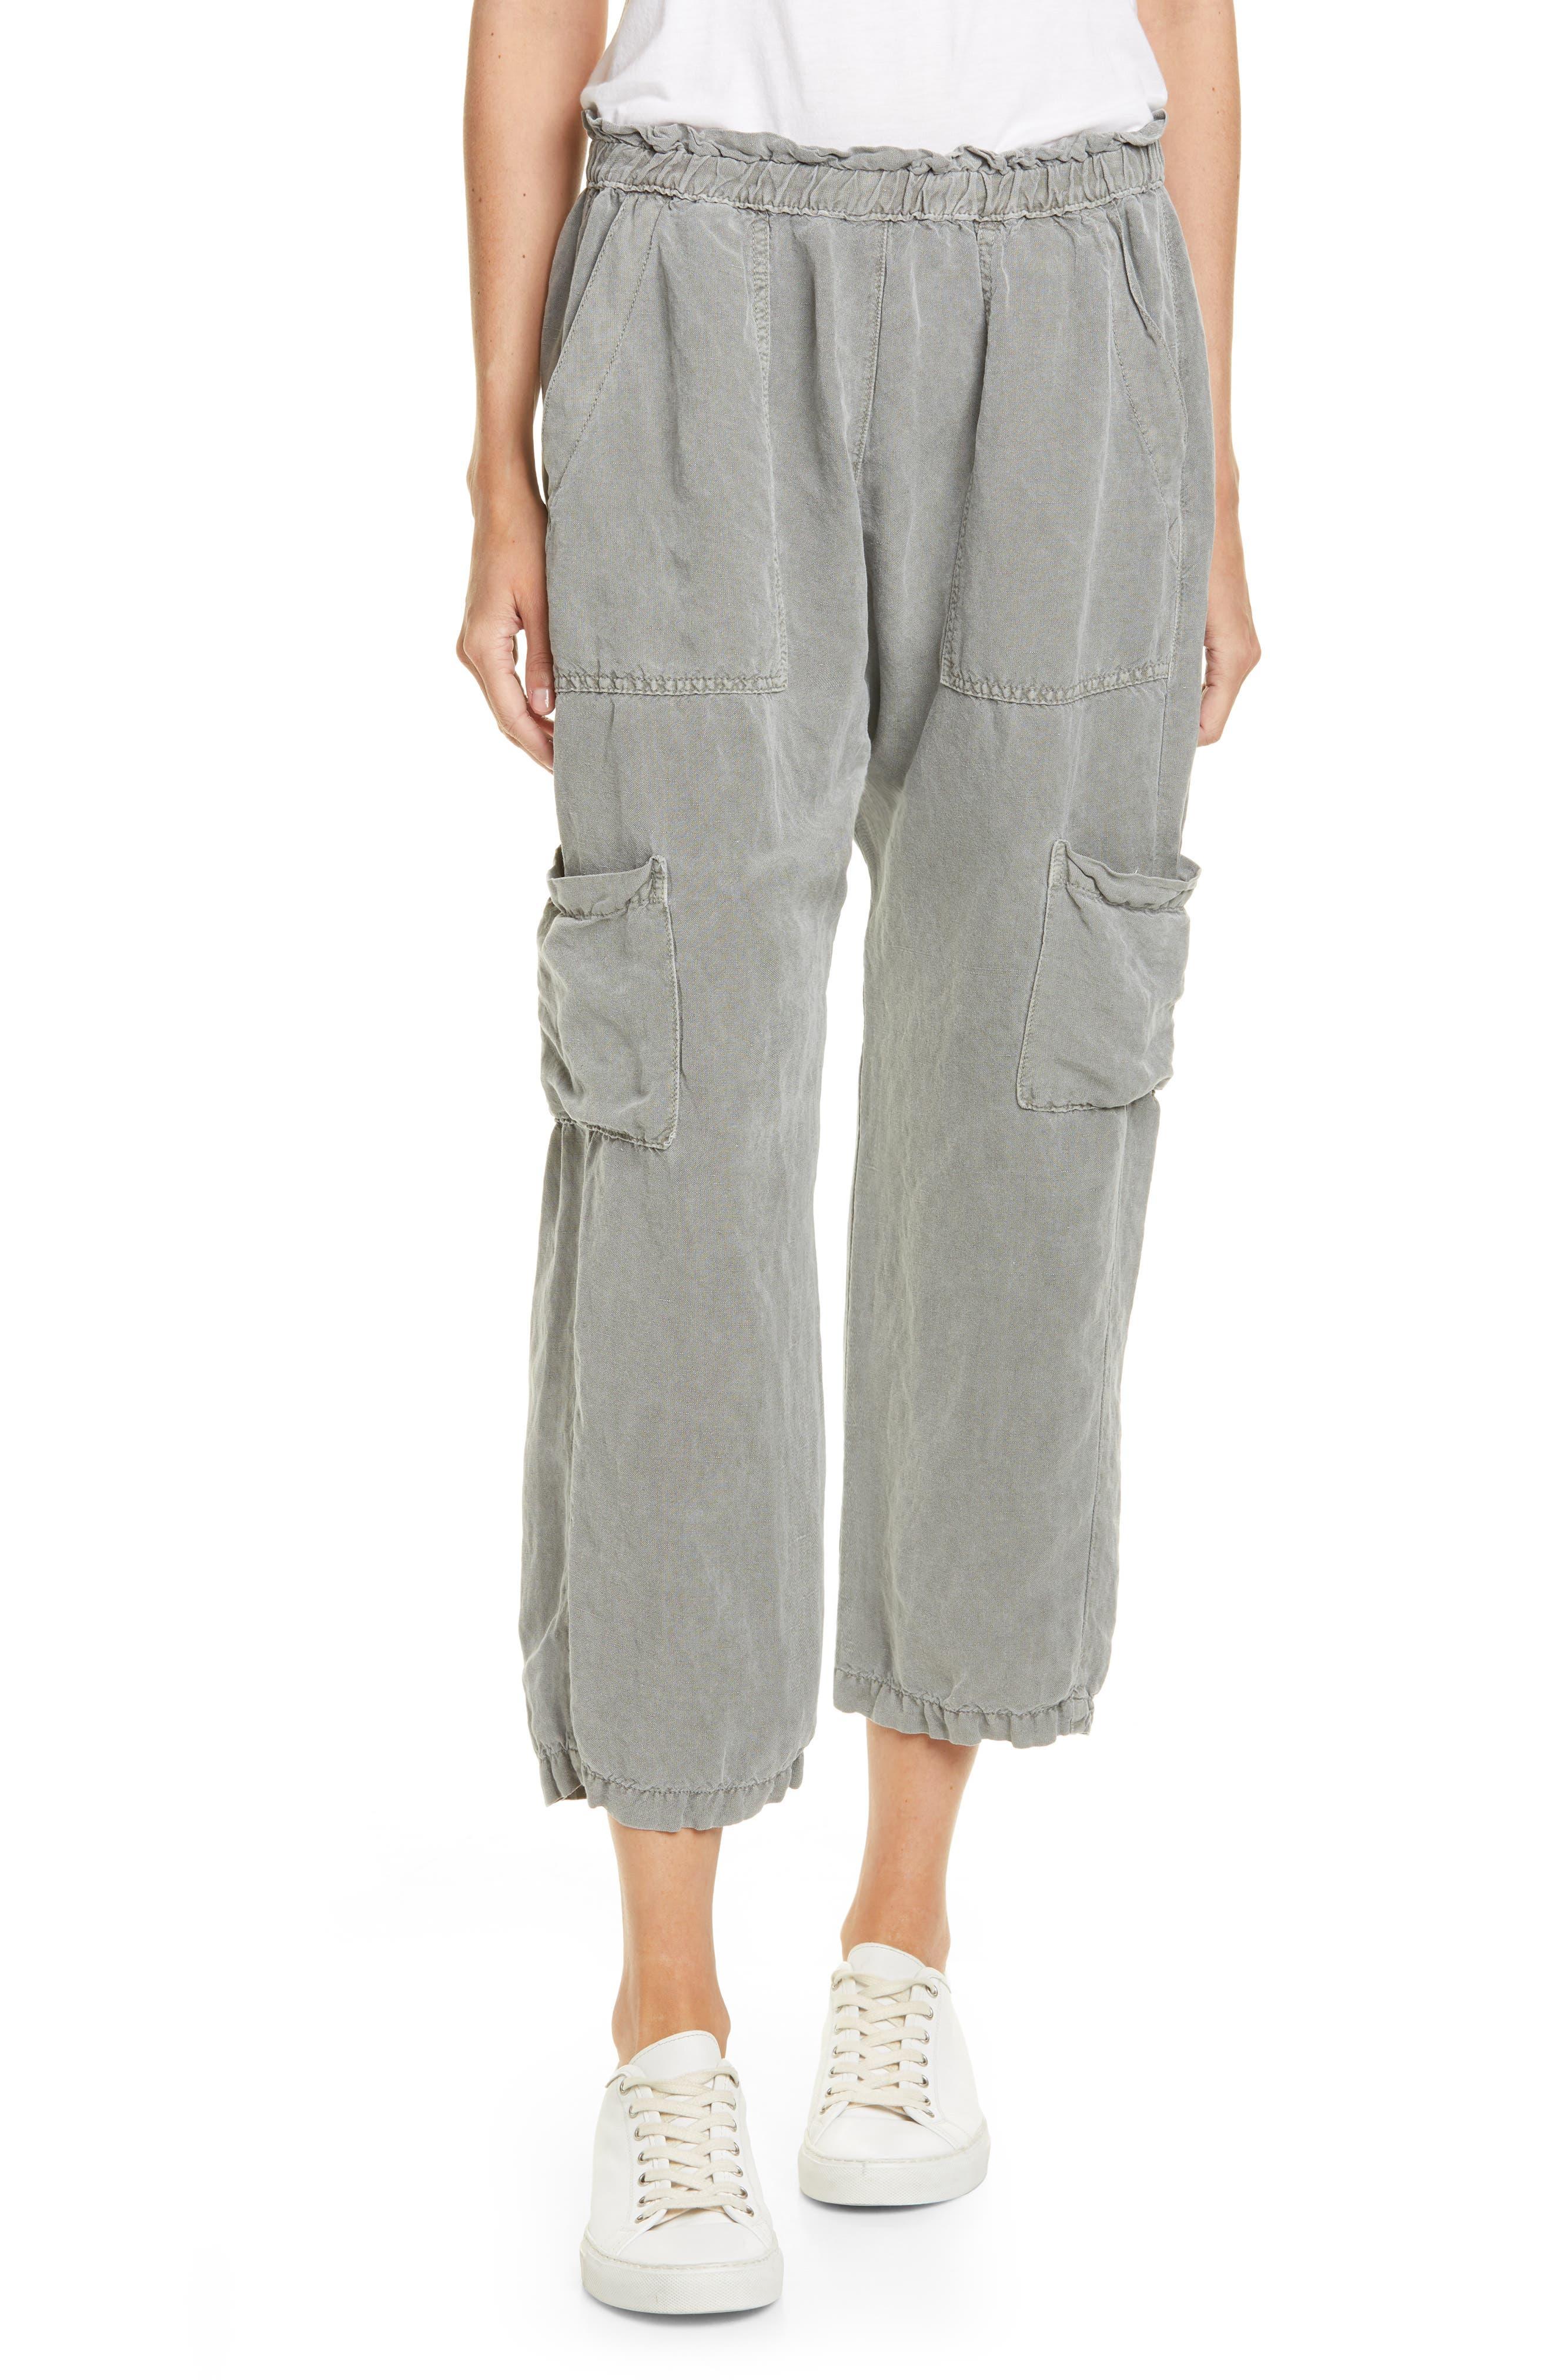 Nsf Clothing Shailey Paperbag Waist Linen Blend Crop Cargo Pants, Green